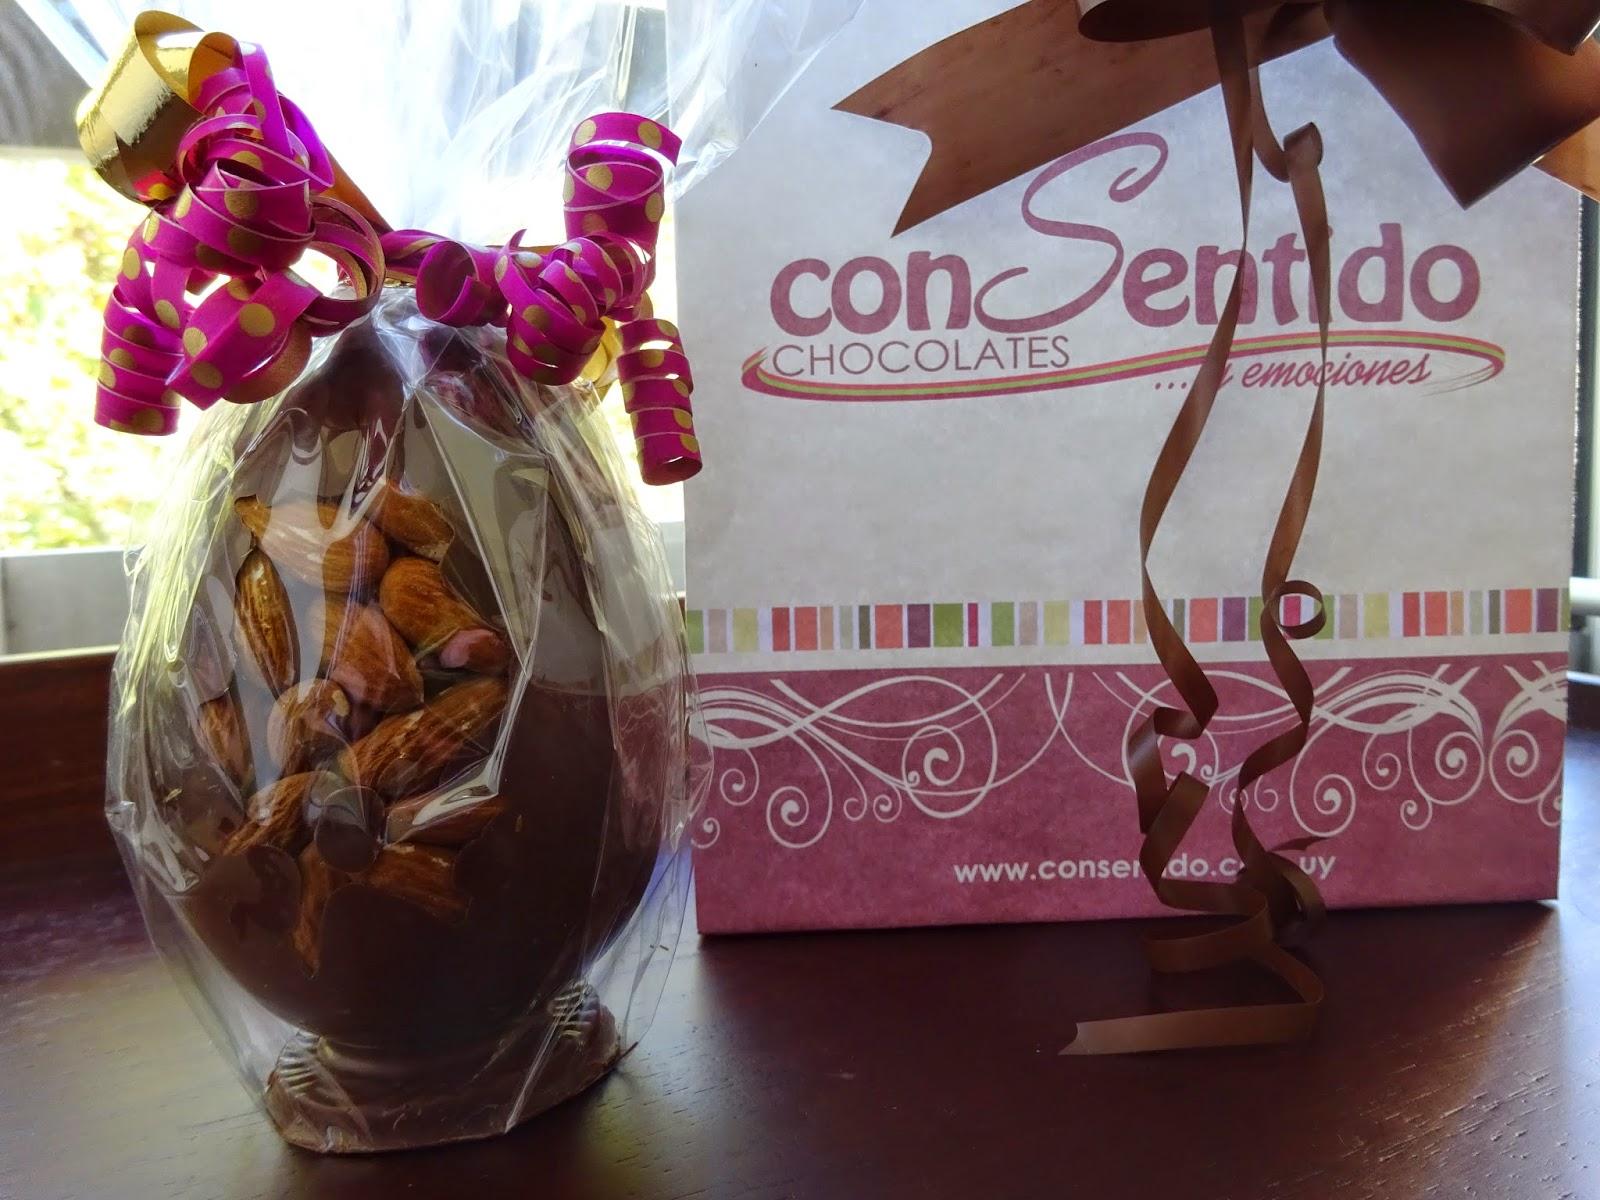 conSentido chocolates y emociones